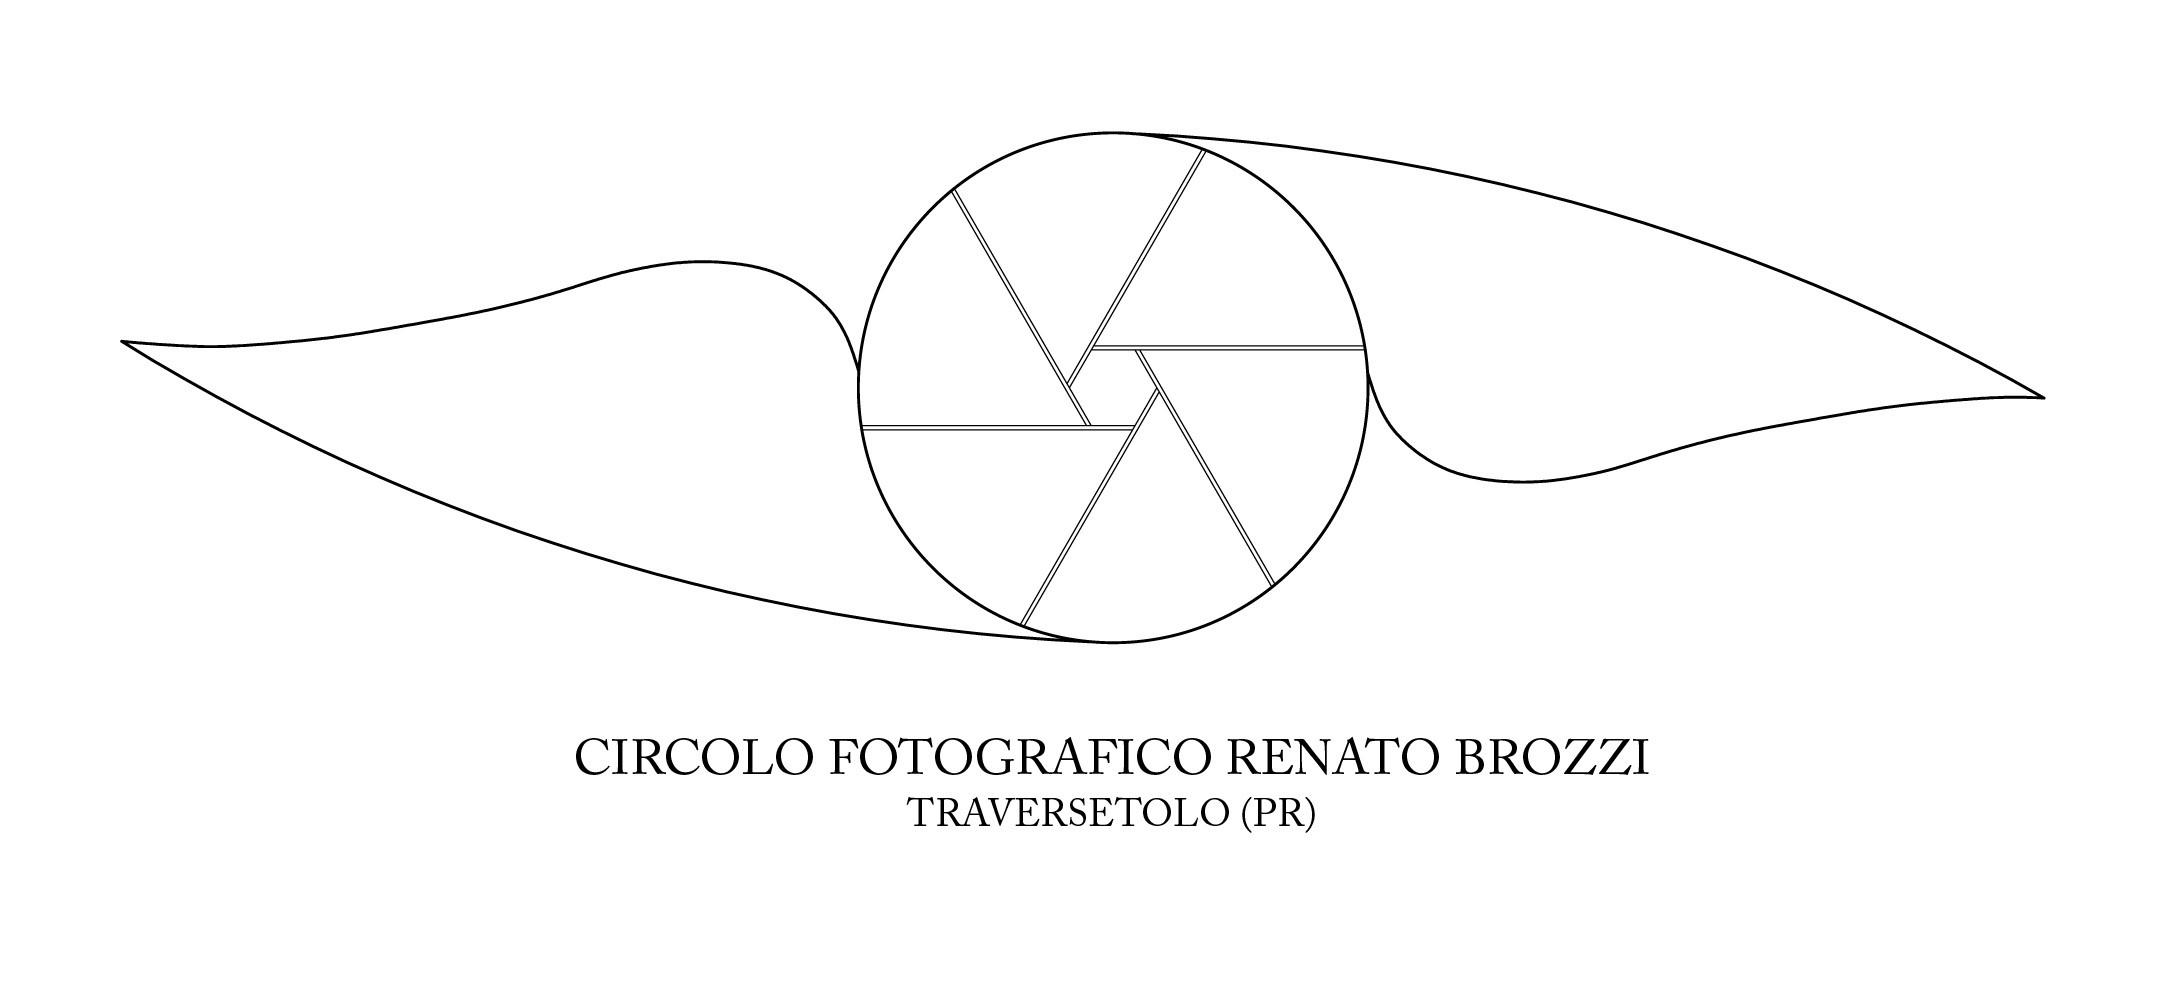 APPUNTAMENTI AL BROZZI -incontro col fotografoGiovanni Ruzzi